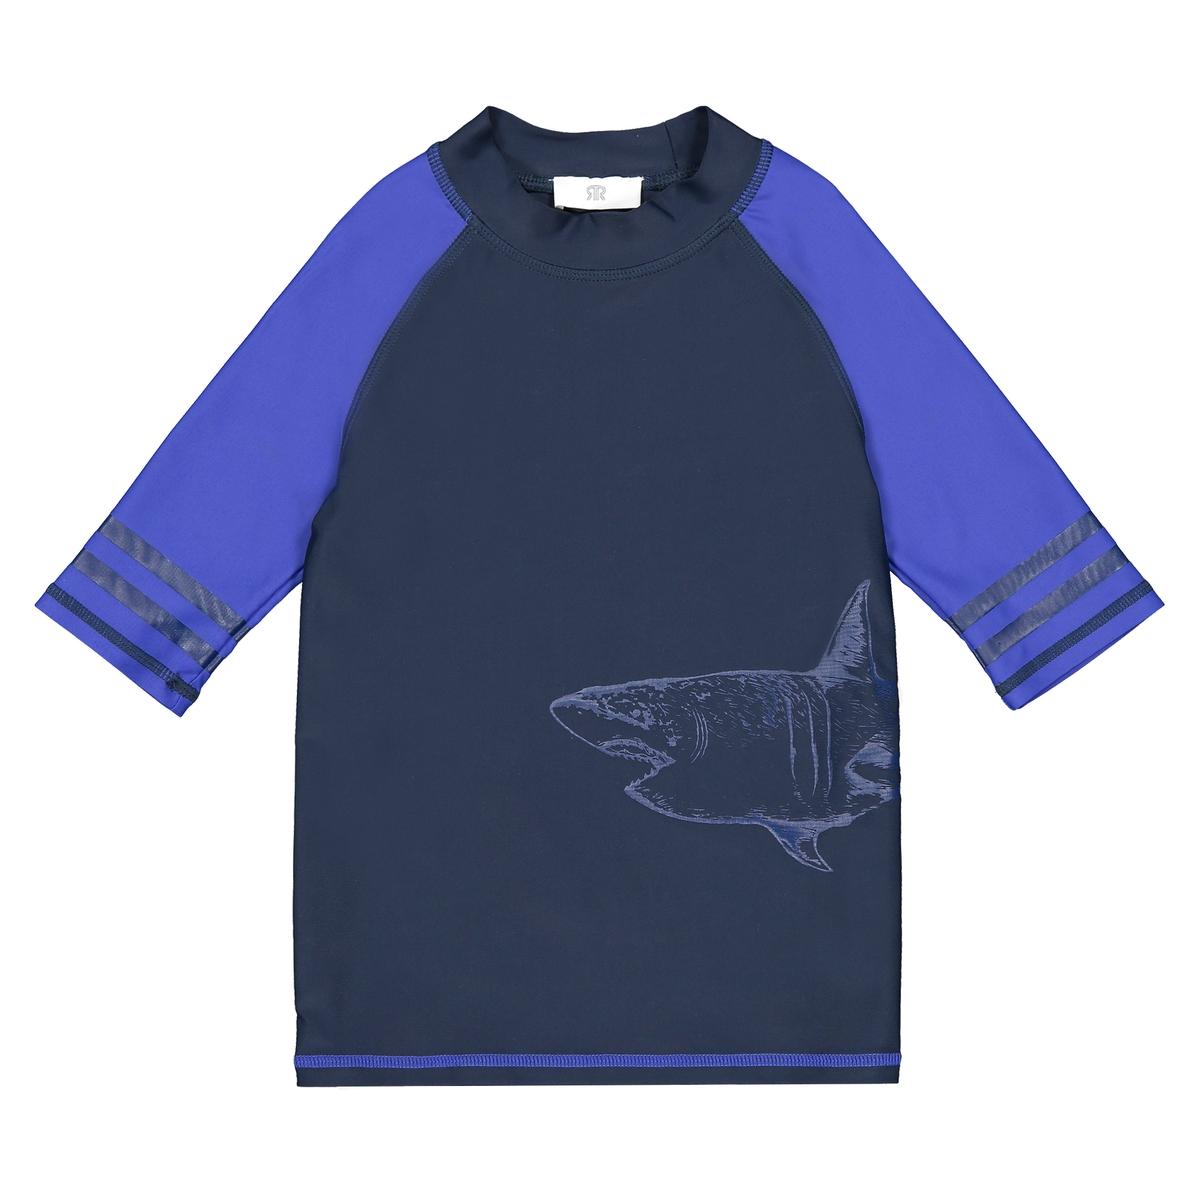 T-shirt de banho, anti-UV, motivo à frente, 3-12 anos